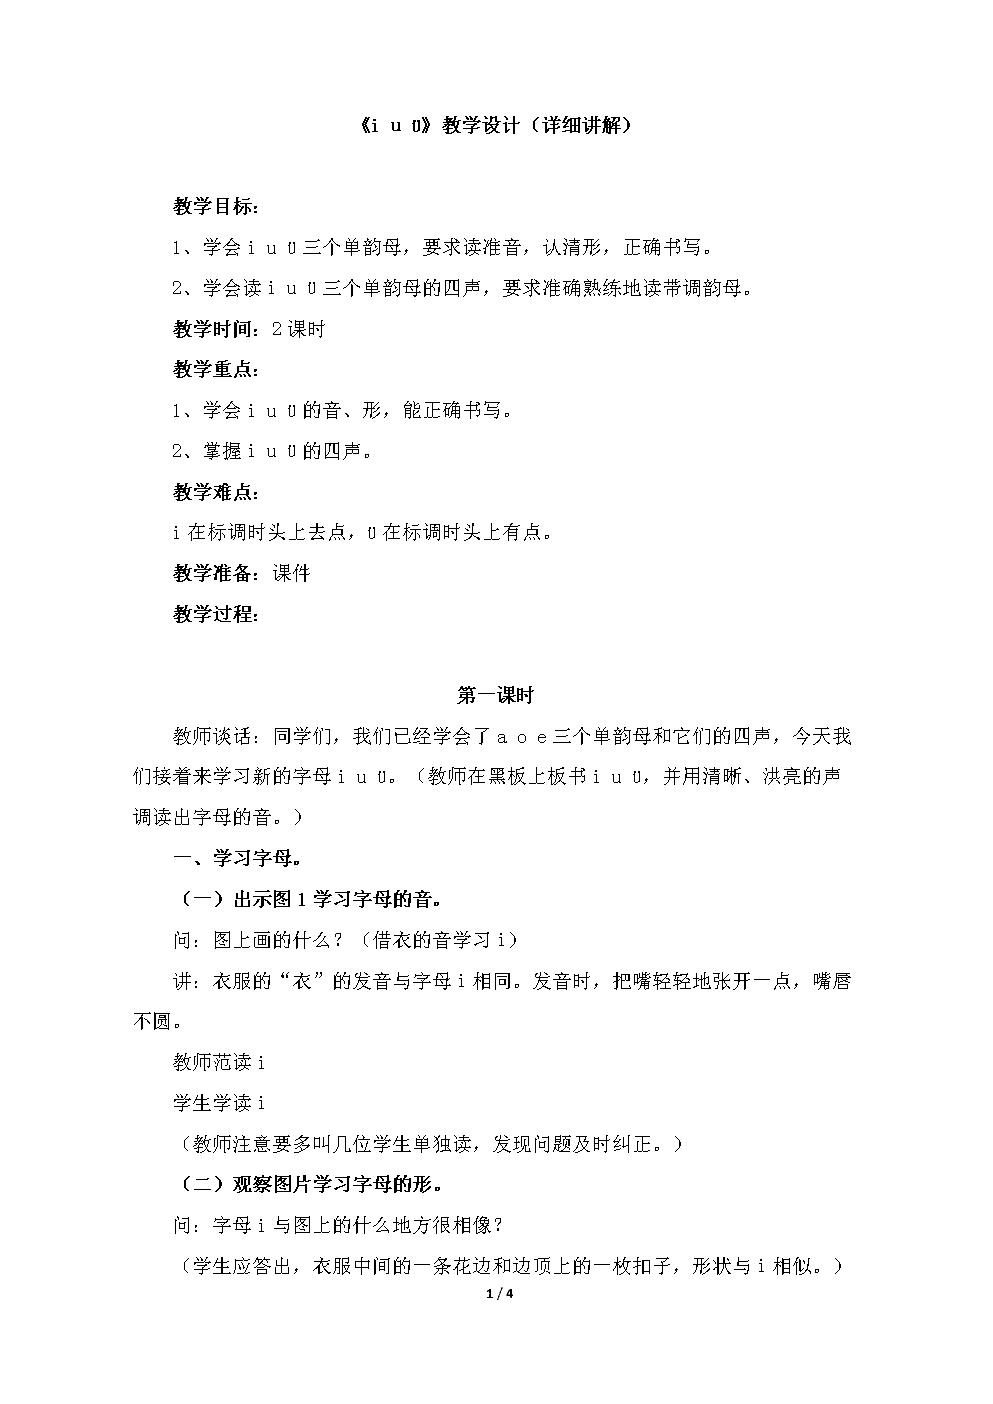 小学一年级语文上册《i_u_ü》教学设计(详细讲解)(苏教版).doc